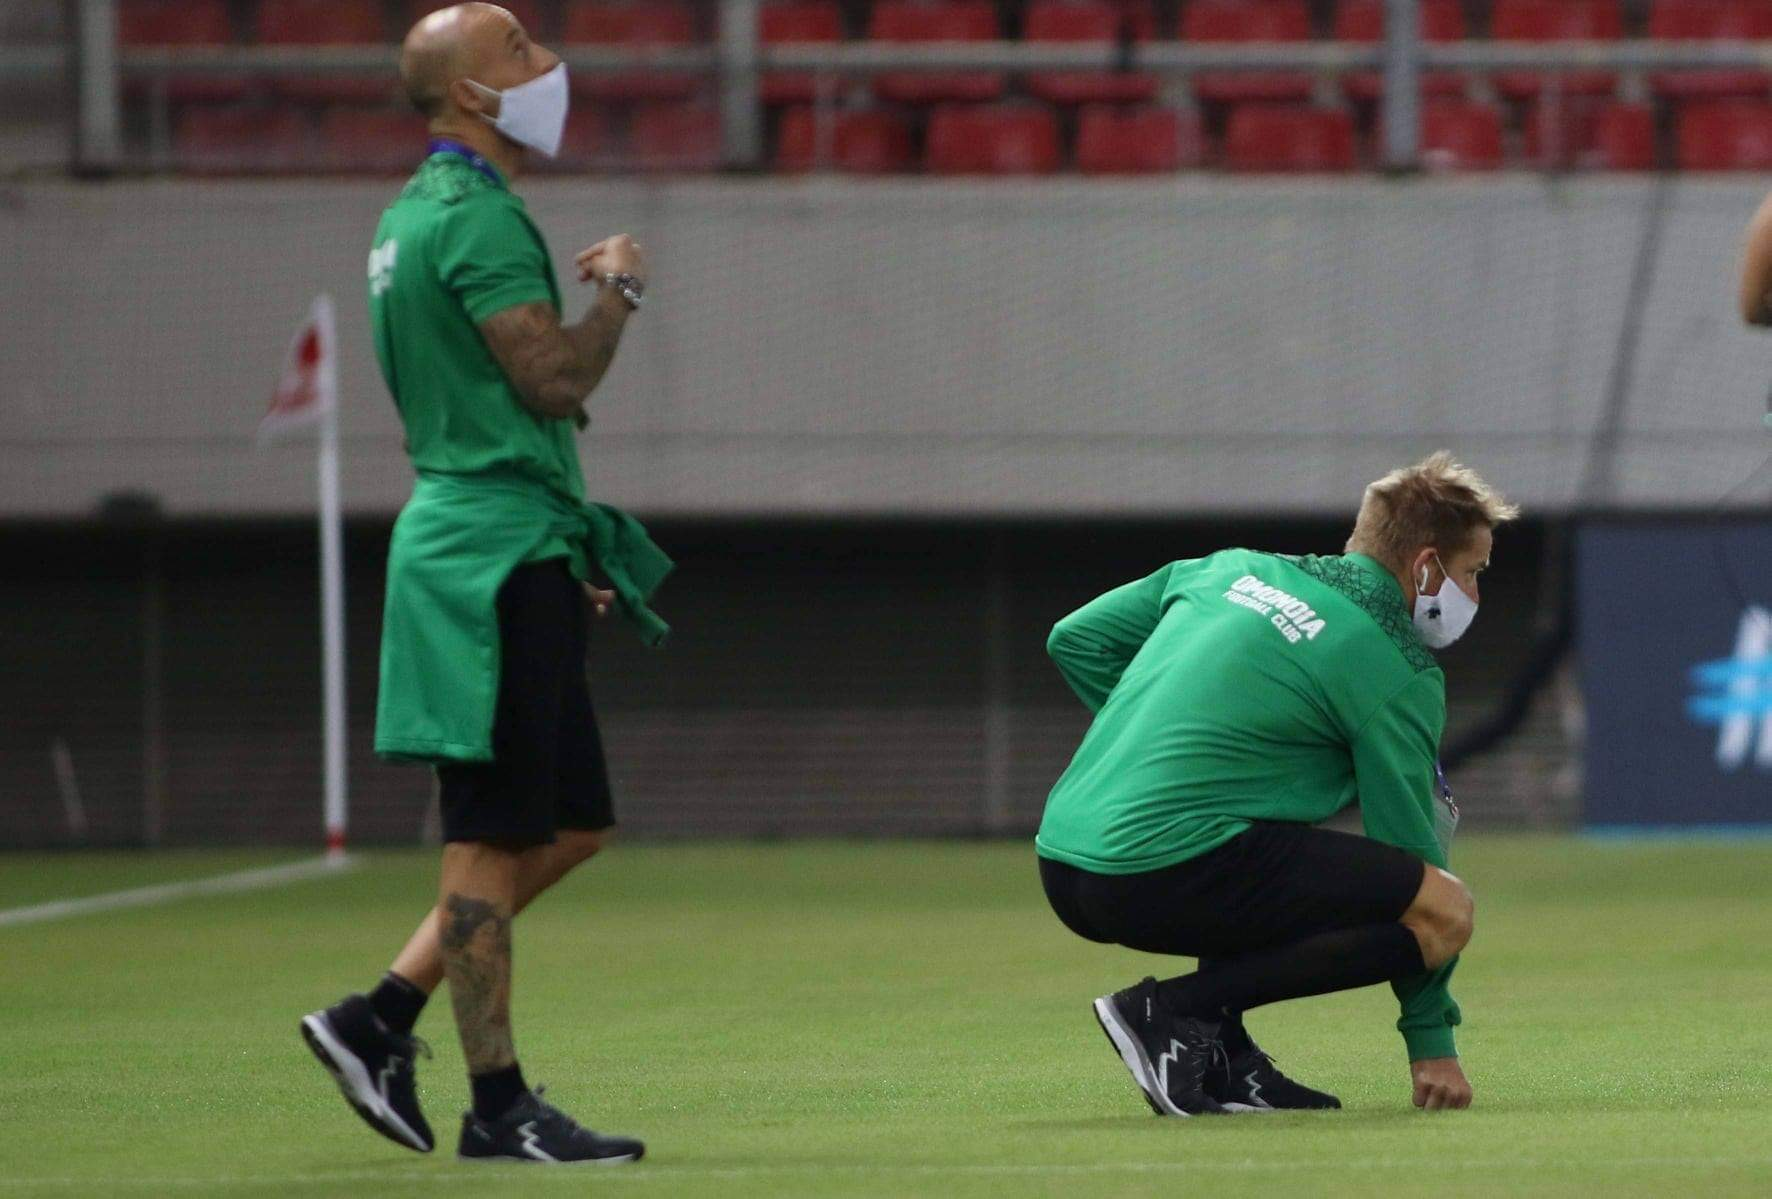 Güney'de zayıf halka futbol